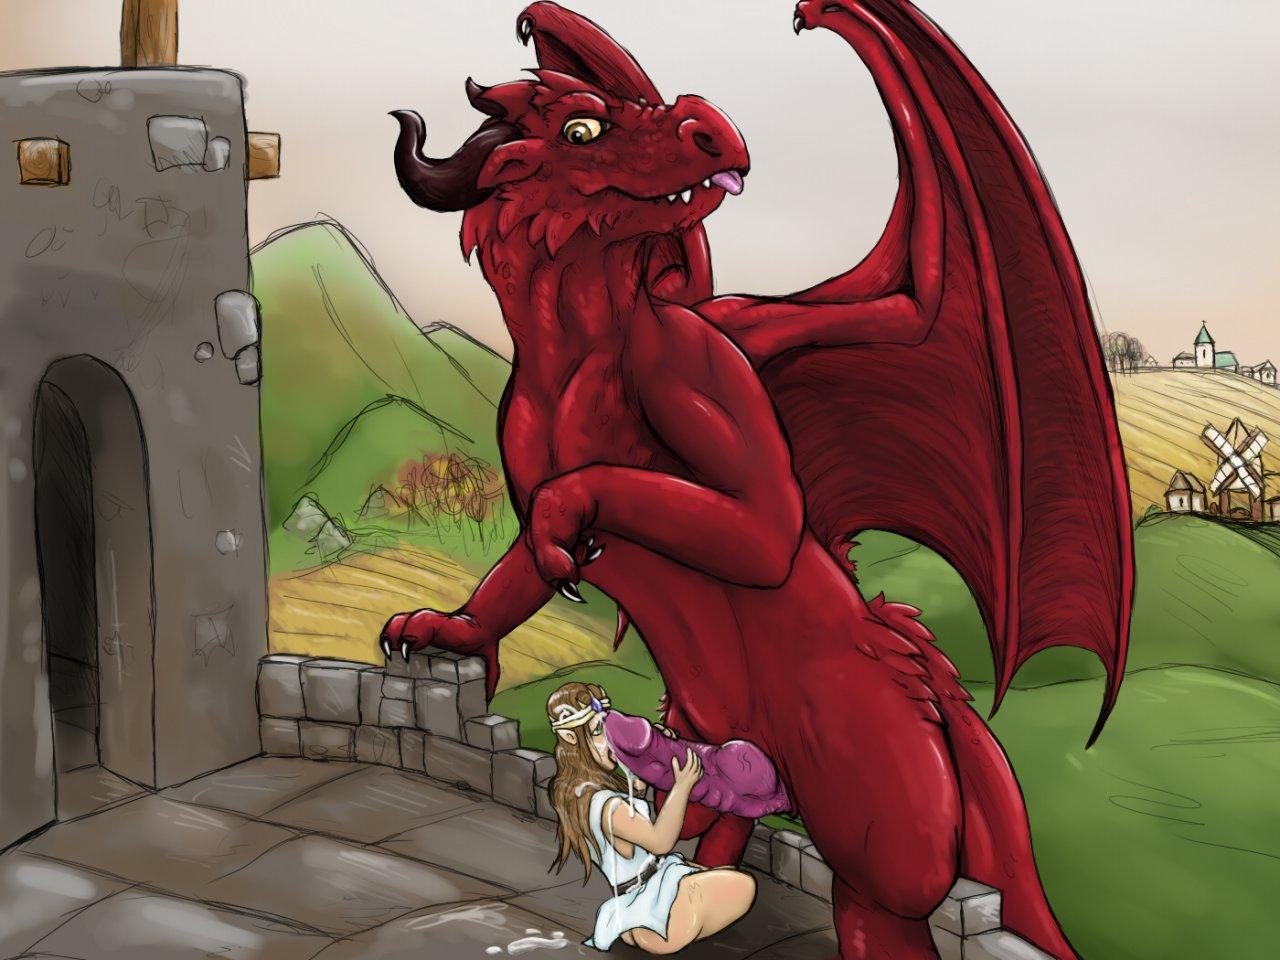 Смотреть порно лили дракон, Dragon Lily 1 фотография